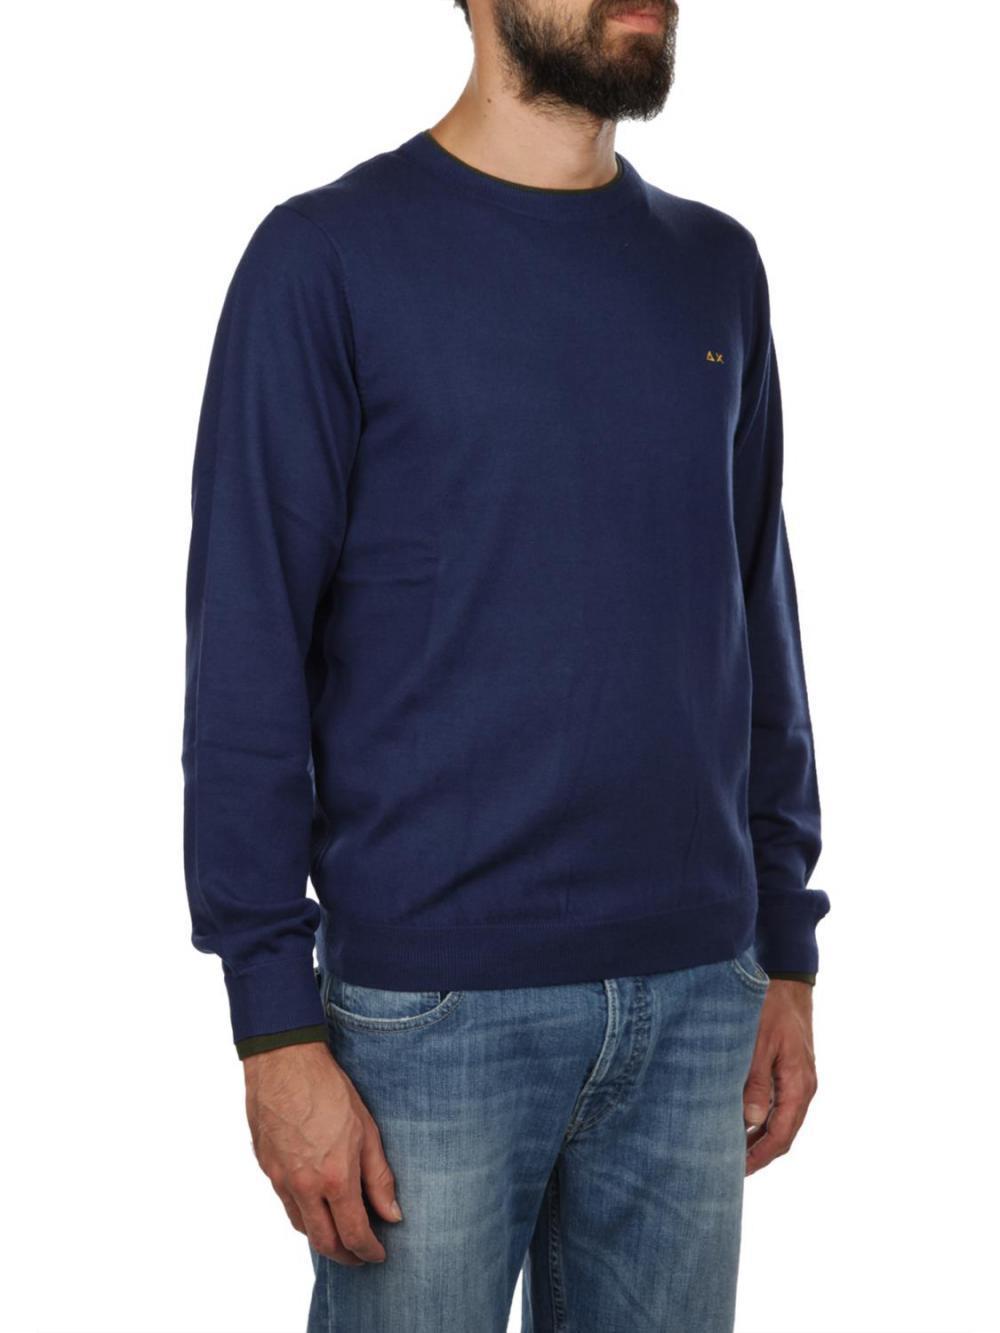 pullover-sun68-in-cotone-e-lana-uomo-sun68-cod-k28105